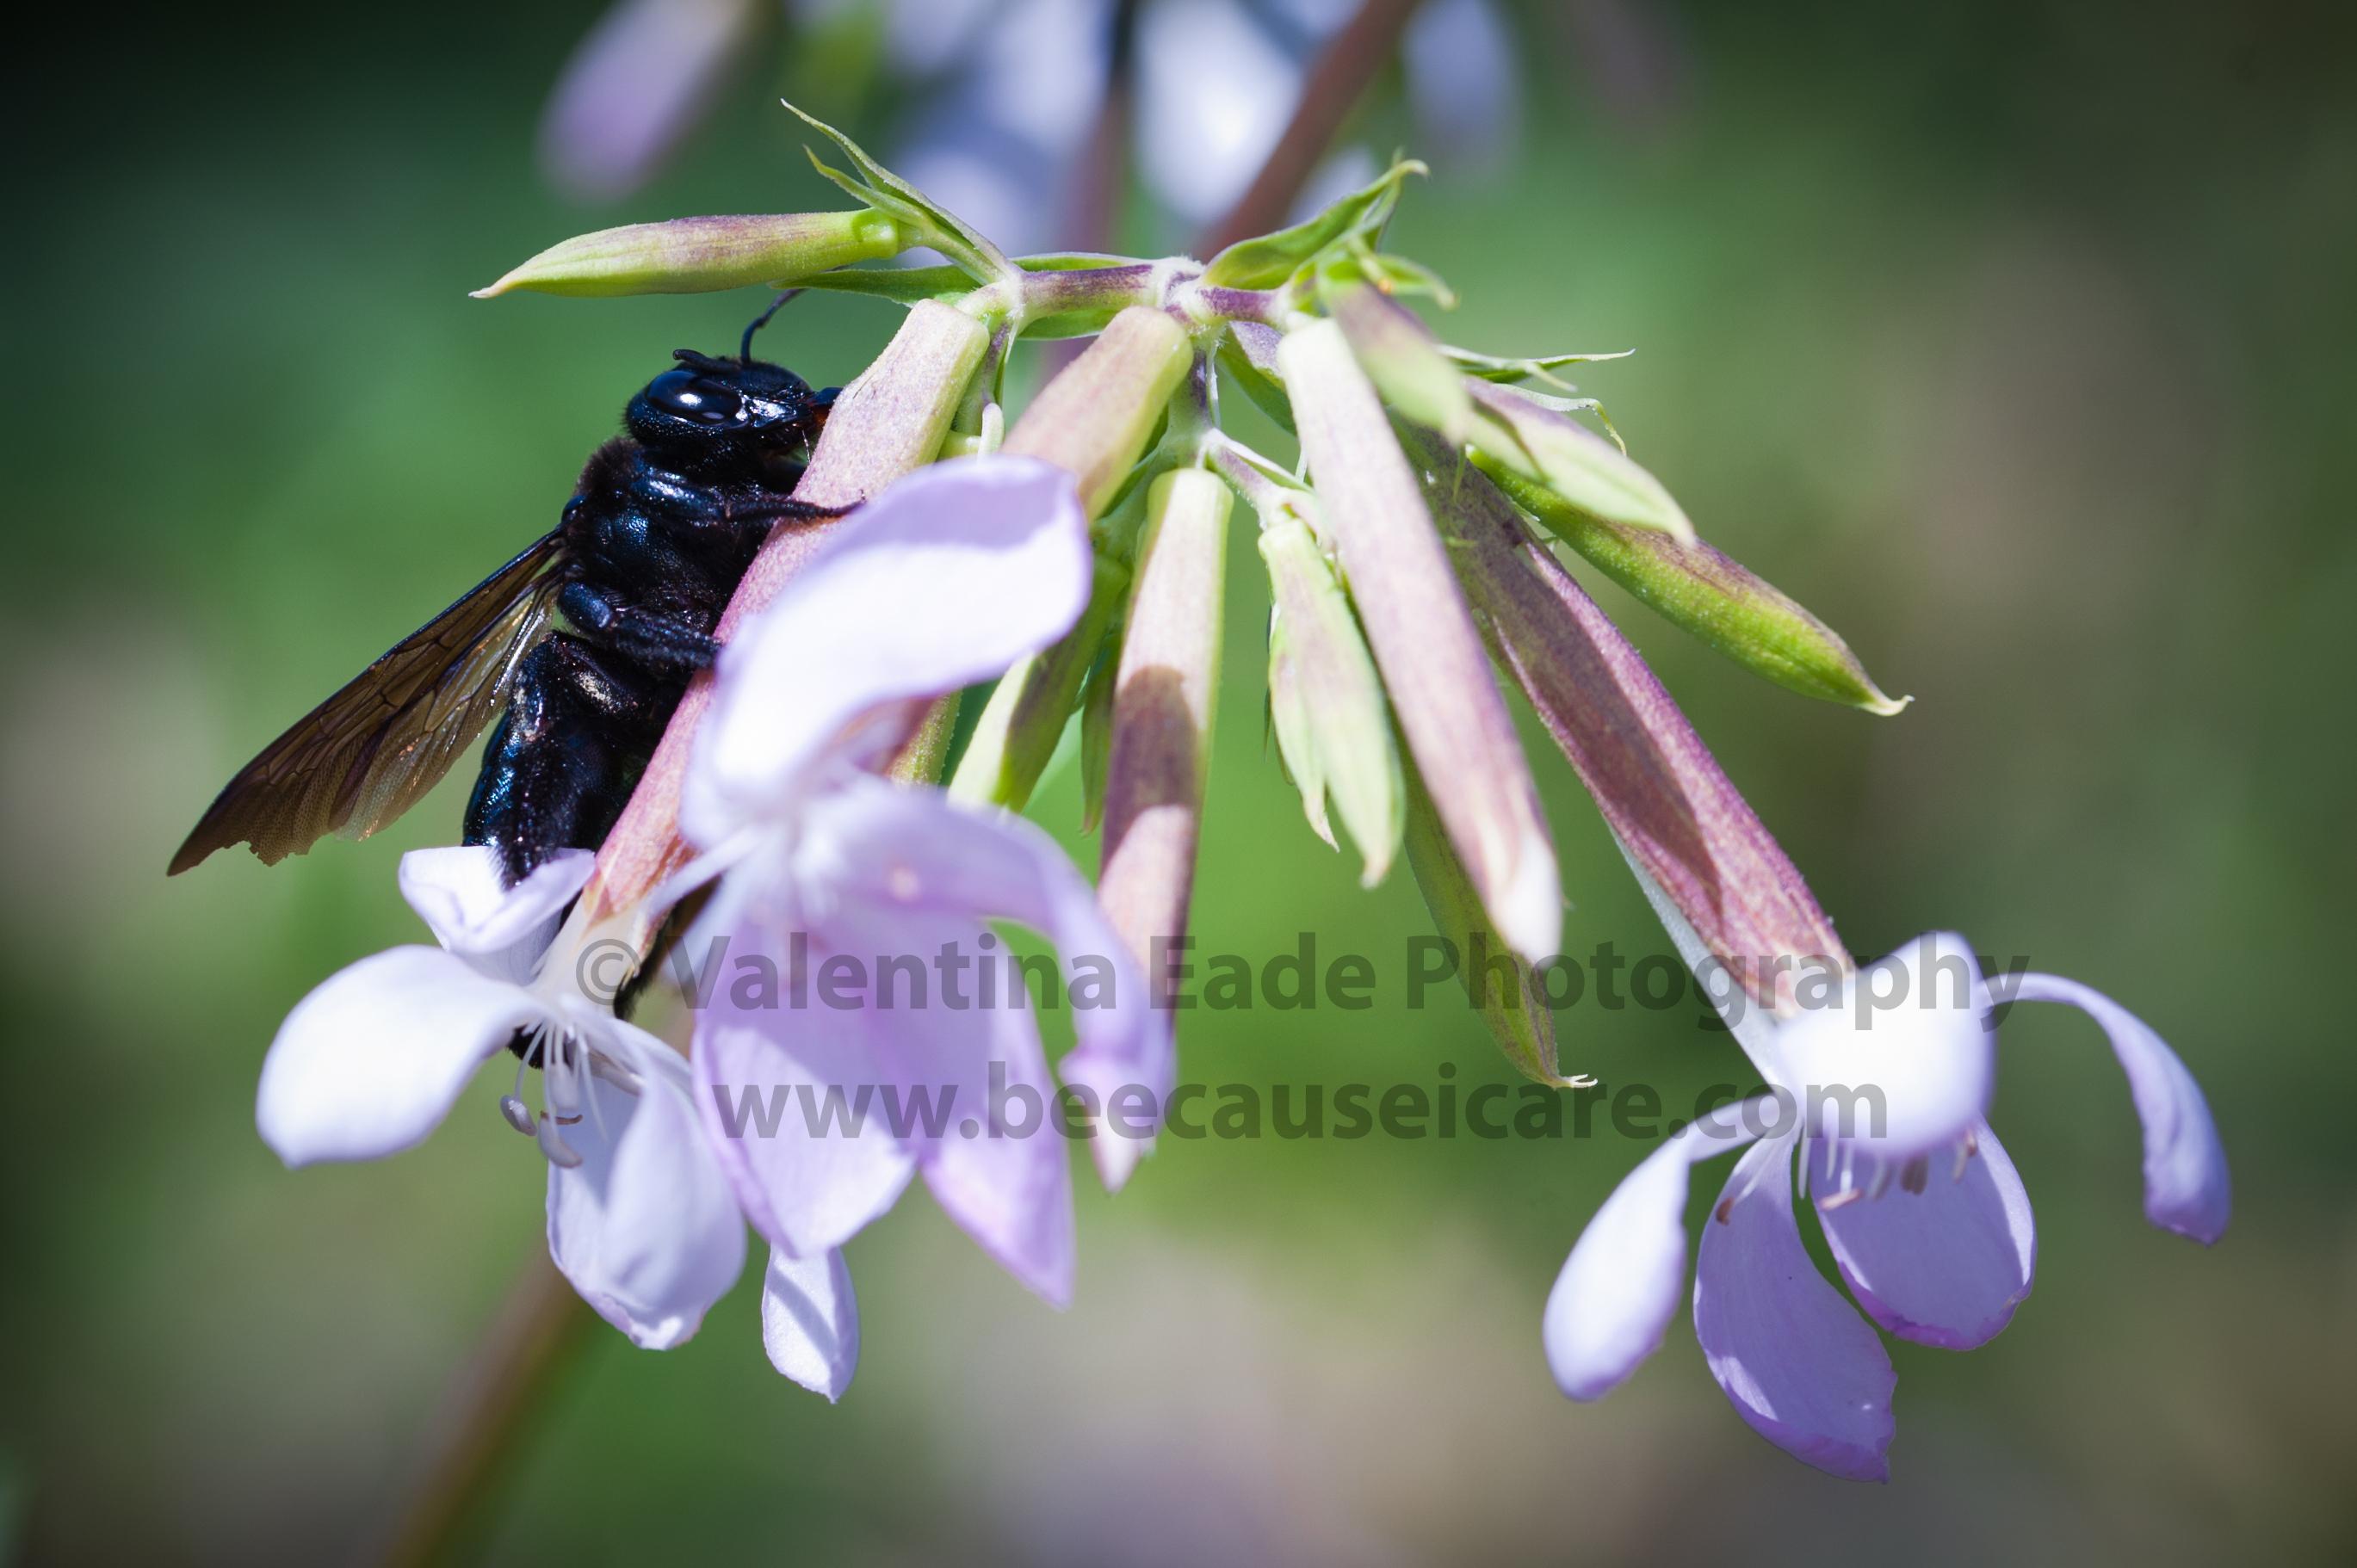 bumblebee_014